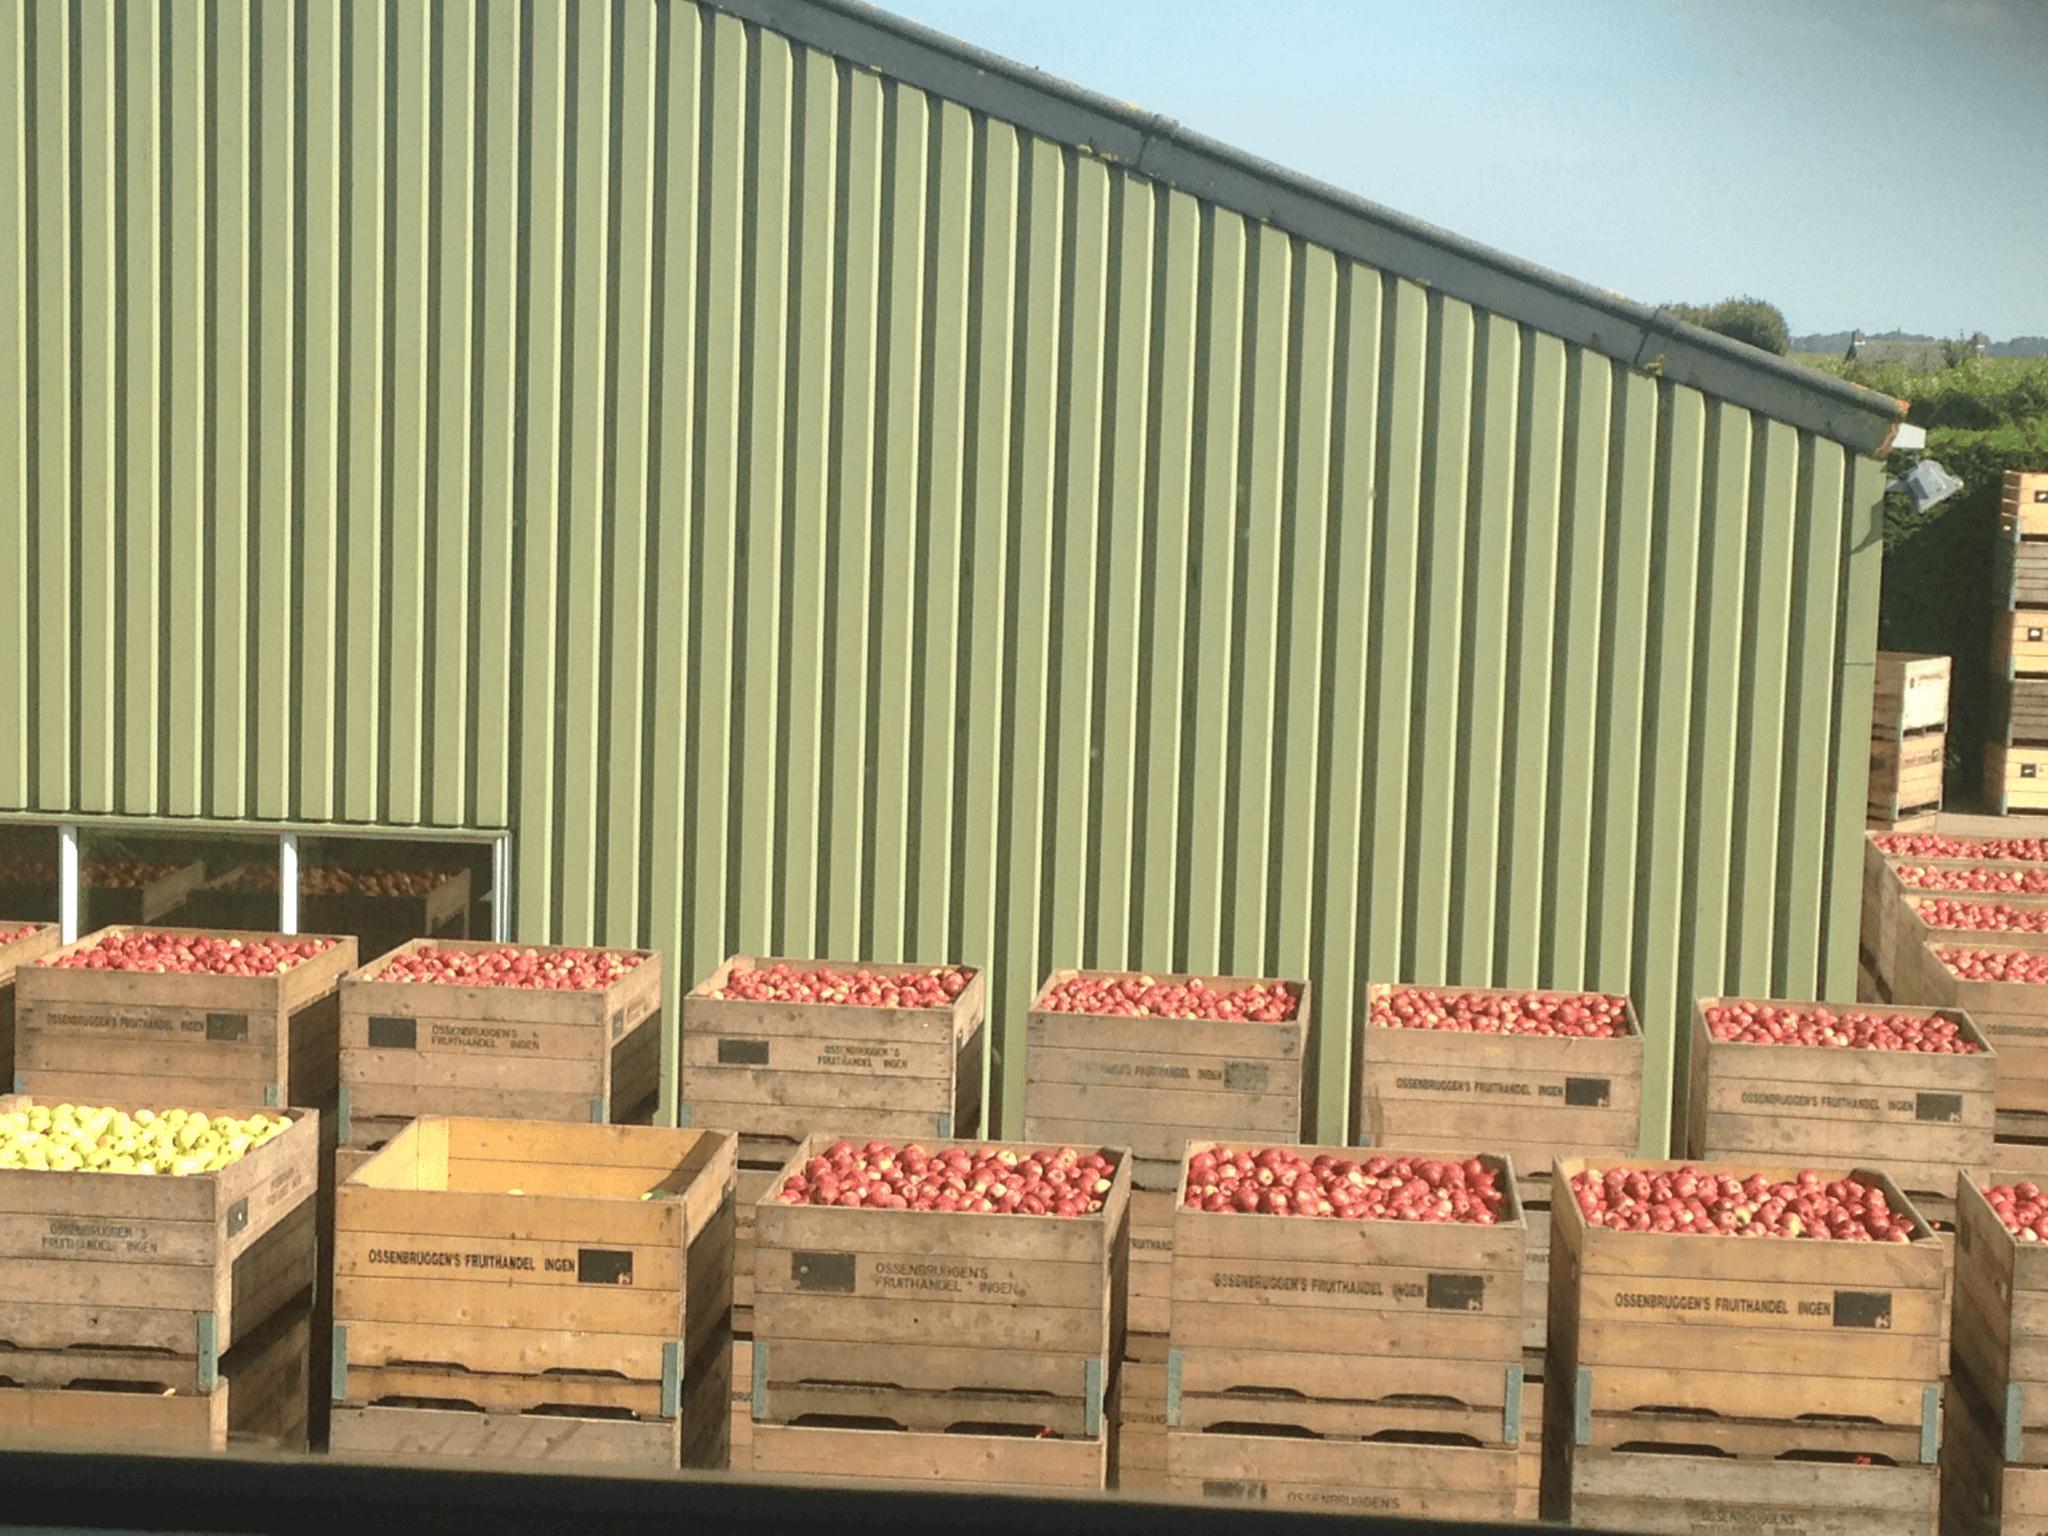 Fruitbedrijf Van den Berge: Over ons bedrijf